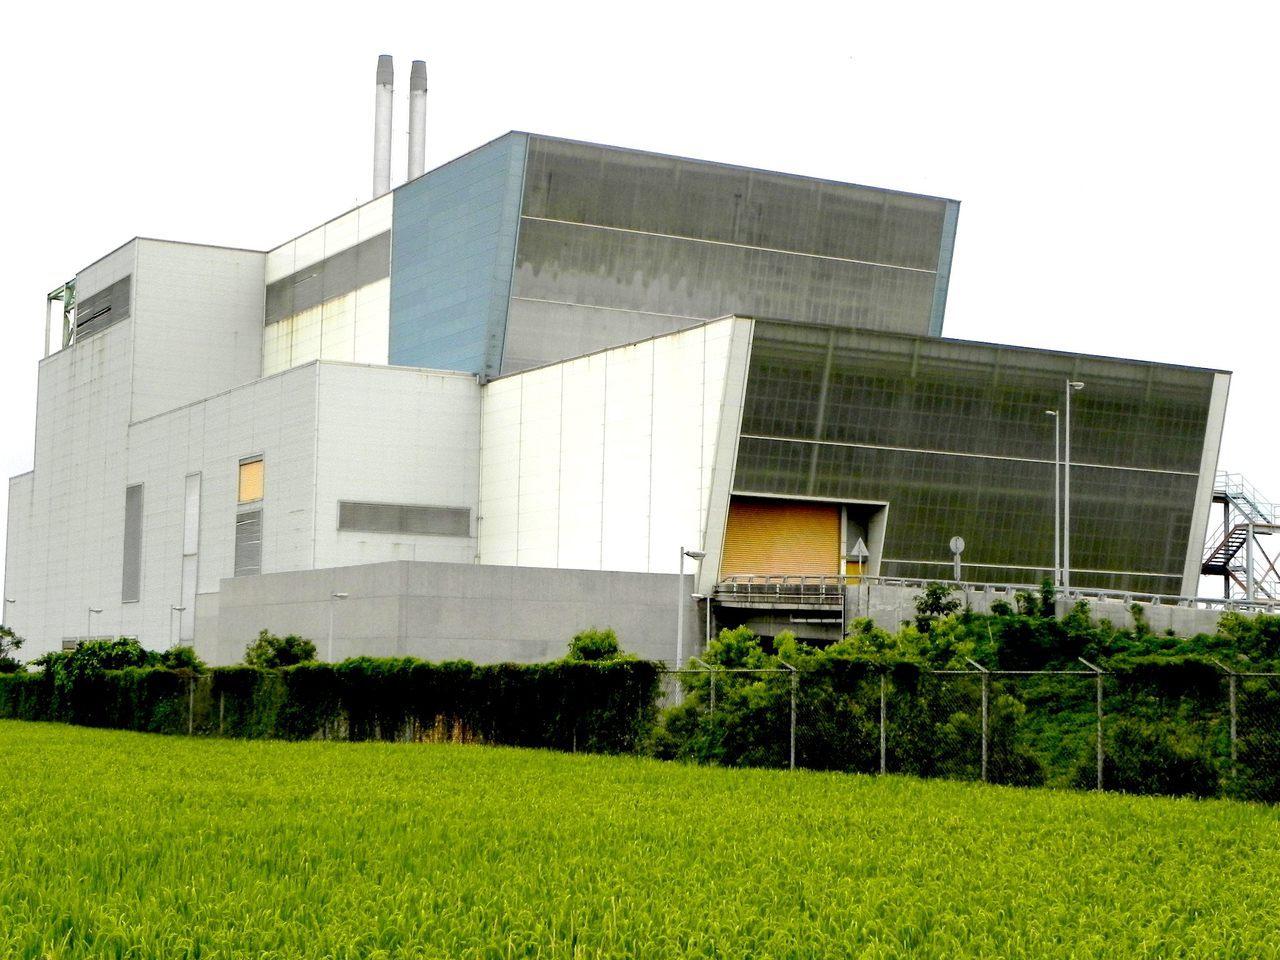 台東縣焚化廠建好14年一直未使用。 圖/聯合報系資料照片